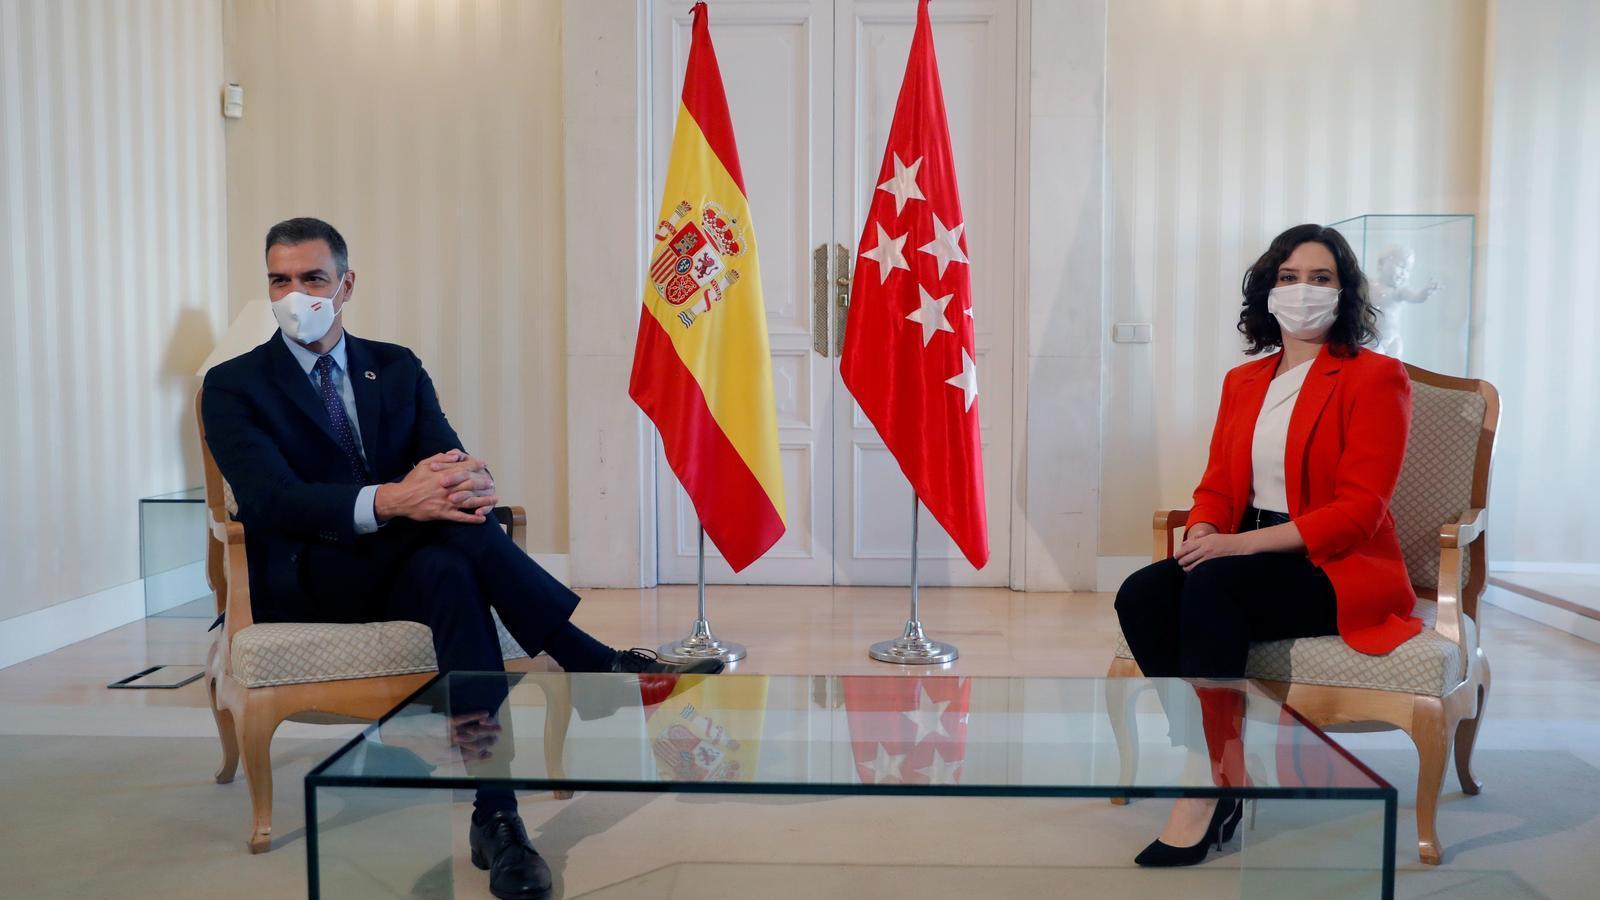 EN DIRECTE | Compareixença conjunta de Sánchez i Ayuso per la segona onada del coronavirus a Madrid